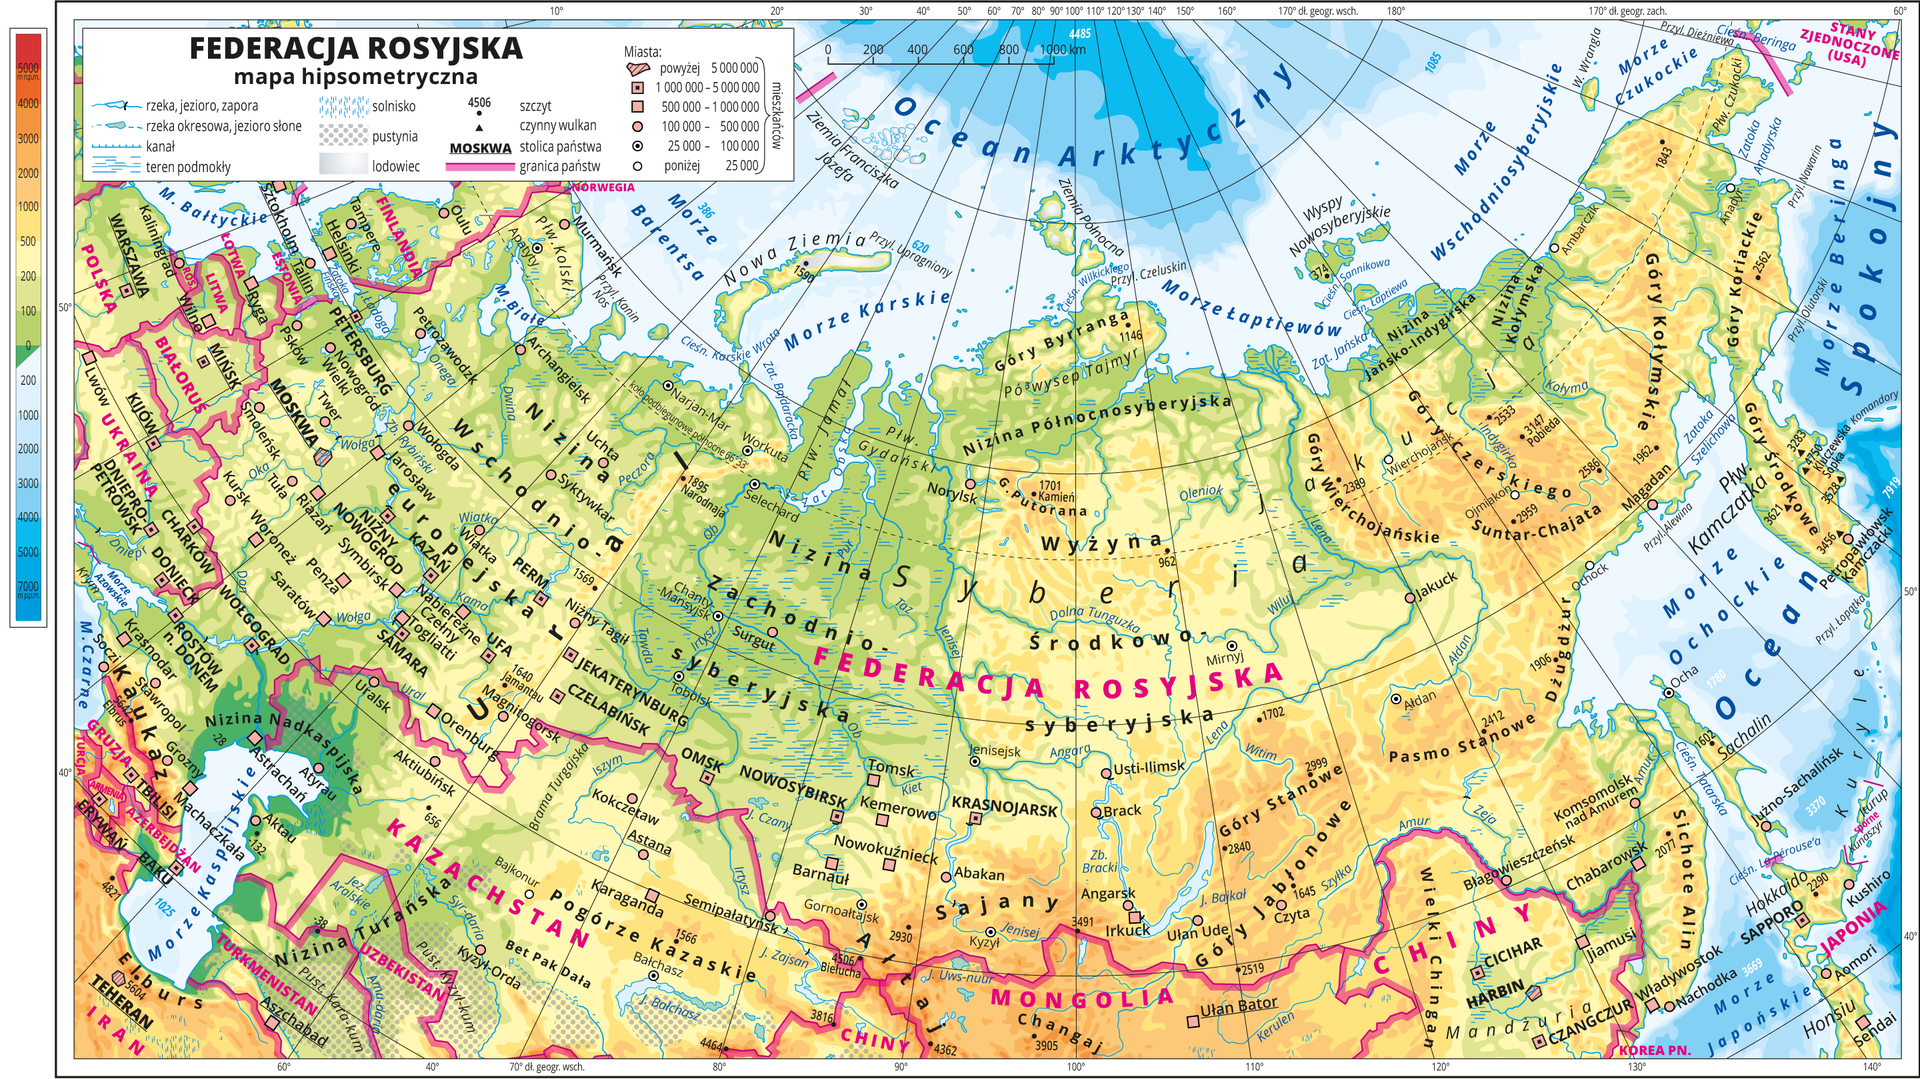 Ilustracja przedstawia mapę hipsometryczną Federacji Rosyjskiej. Wobrębie lądów występują obszary wkolorze zielonym, żółtym, pomarańczowym iczerwonym. Morza zaznaczono kolorem niebieskim. Na mapie opisano nazwy półwyspów, wysp, nizin, wyżyn ipasm górskich, mórz, zatok, rzek ijezior. Oznaczono iopisano główne miasta. Oznaczono czarnymi kropkami iopisano szczyty górskie. Trójkątami oznaczono czynne wulkany ipodano ich wysokości. Niebieskim kreskowaniem zaznaczono solniska, szarym kropkowaniem – pustynie głównie wKazachstanie, biało-szarym gradientem lodowce występujące na północy mapy. Różową wstążką oznaczono granice państw. Kolorem czerwonym opisano państwa sąsiadujące zFederacją Rosyjską. Mapa pokryta jest równoleżnikami ipołudnikami. Dookoła mapy wbiałej ramce opisano współrzędne geograficzne co dziesięć stopni. Wlegendzie umieszczono iopisano znaki użyte na mapie.